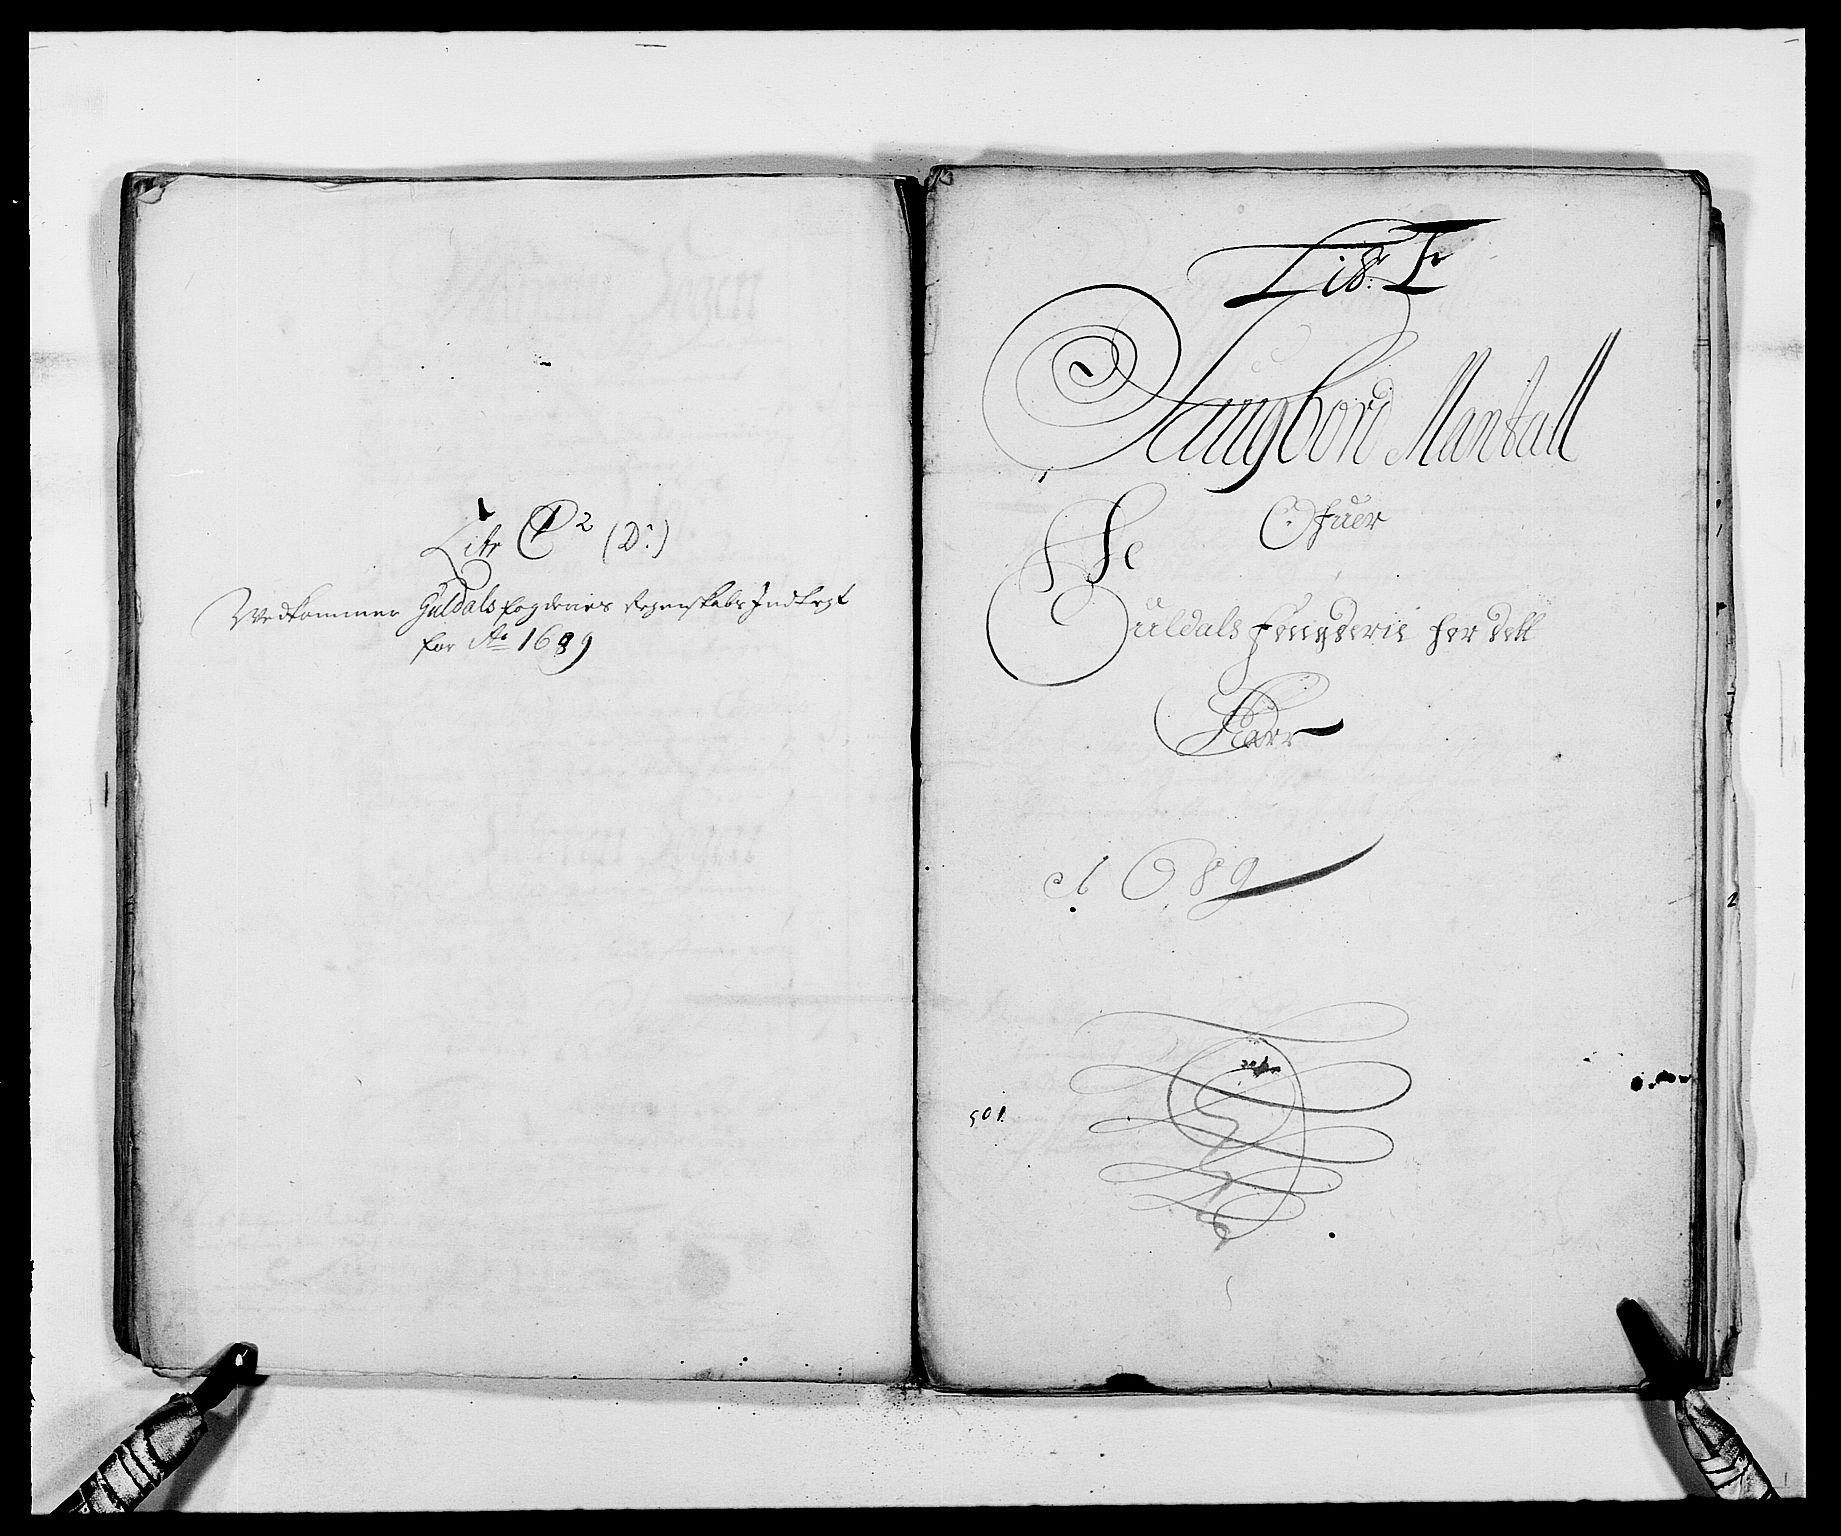 RA, Rentekammeret inntil 1814, Reviderte regnskaper, Fogderegnskap, R59/L3940: Fogderegnskap Gauldal, 1689-1690, s. 67